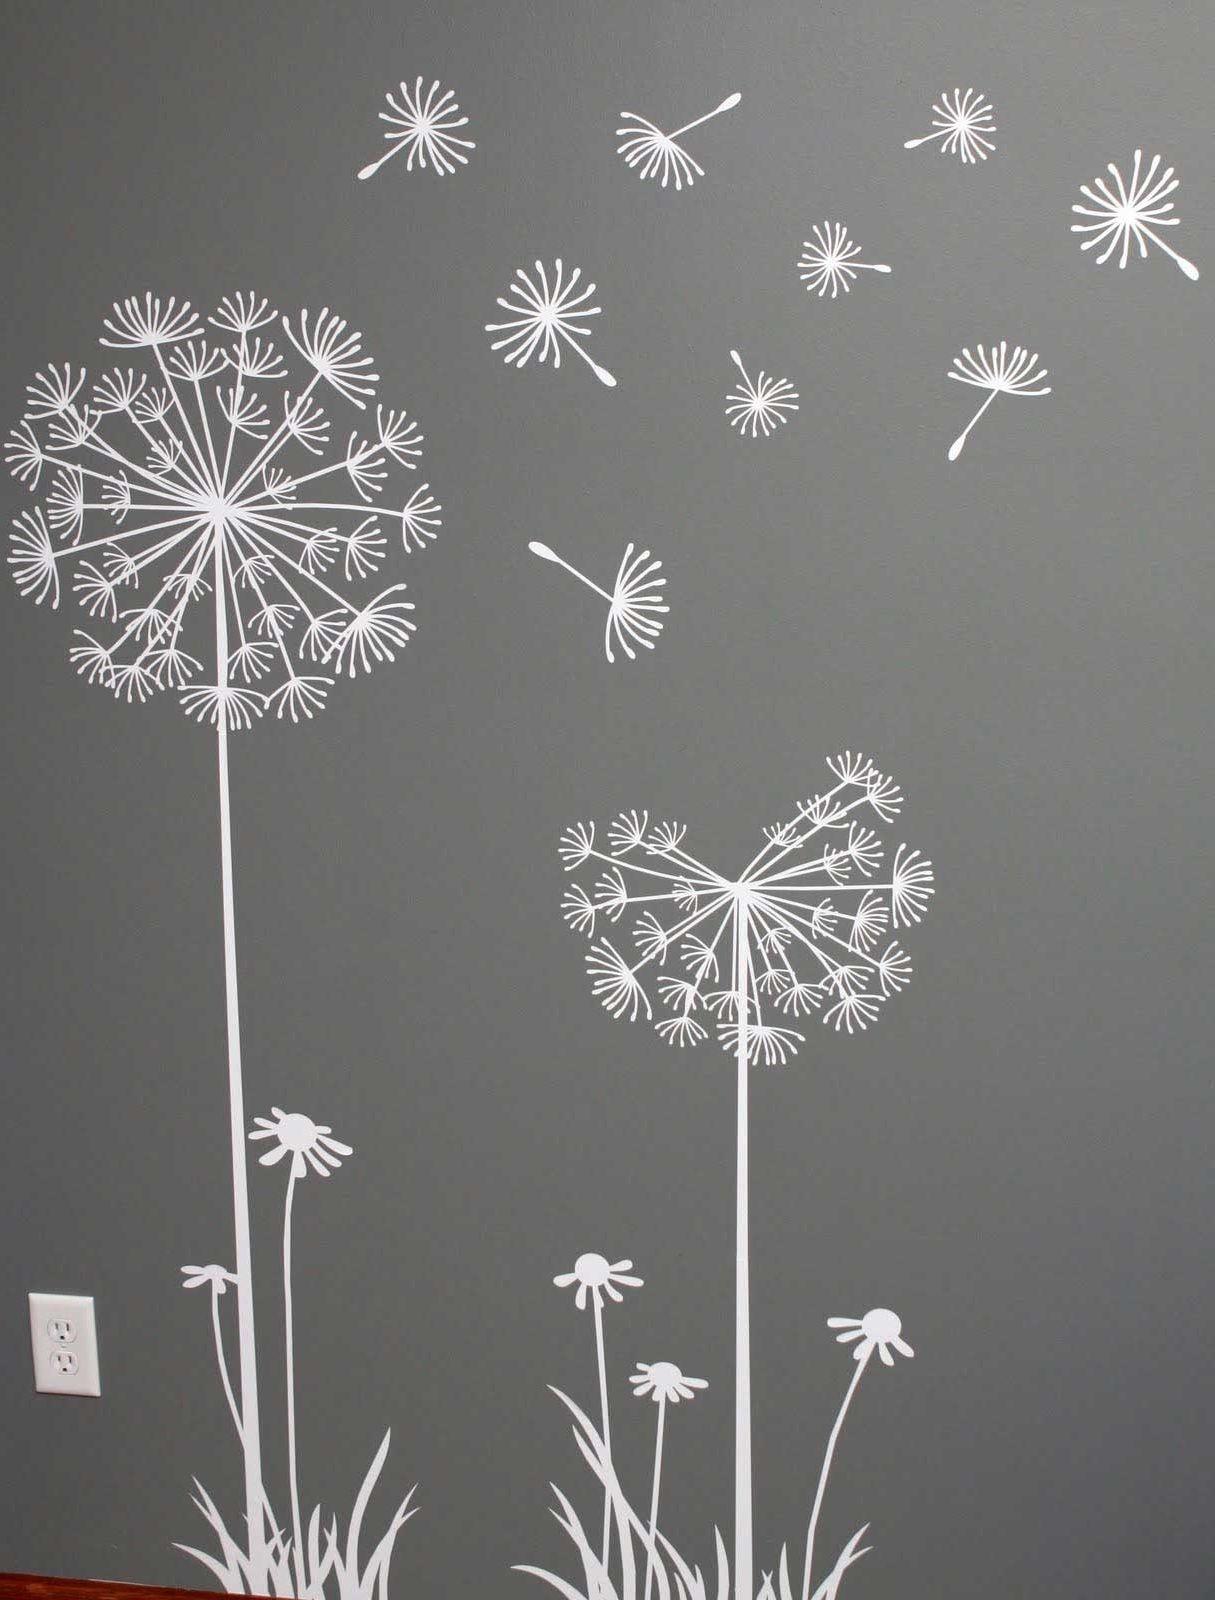 Cool Stencil Ideas For Walls Httpumadepa Pinterest